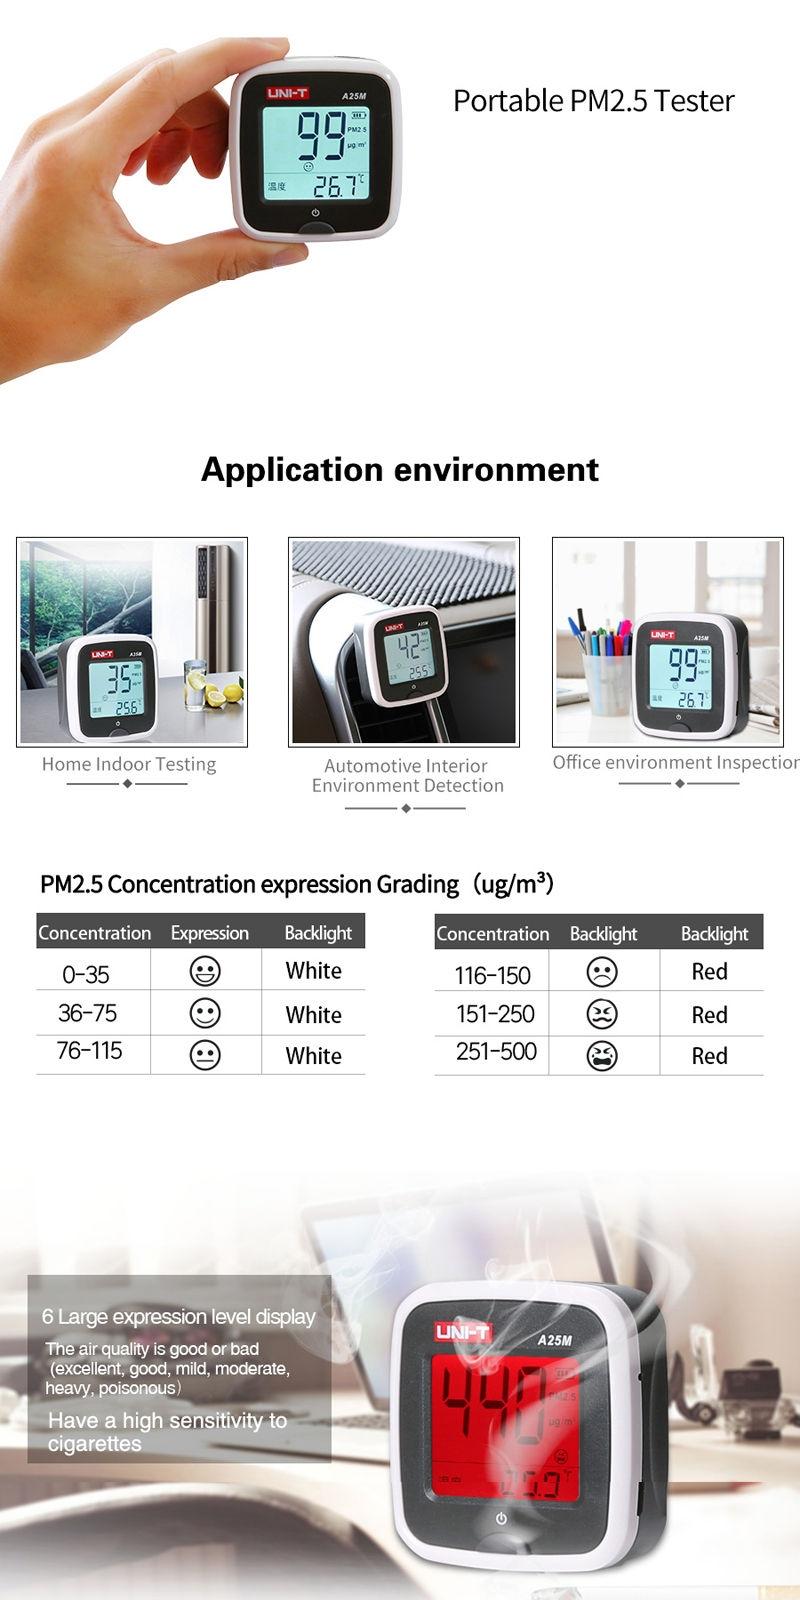 کیفیت سنج هوا محیطی دیجیتالی یونیتی مدل UNI-T A25M